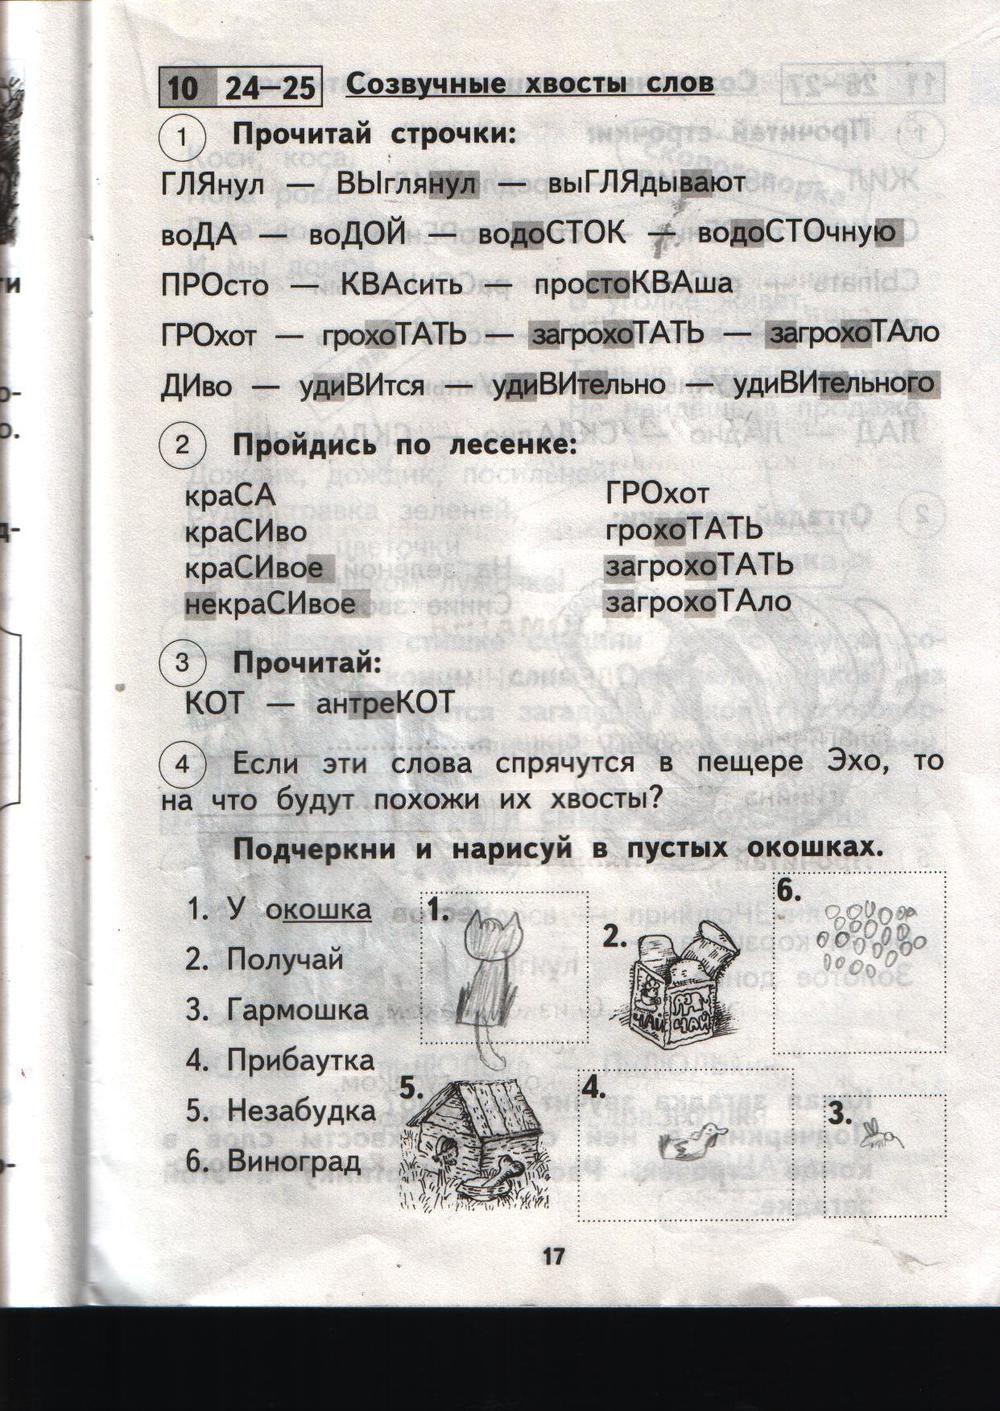 Ответы по олимпусу английский язык для 6 класса